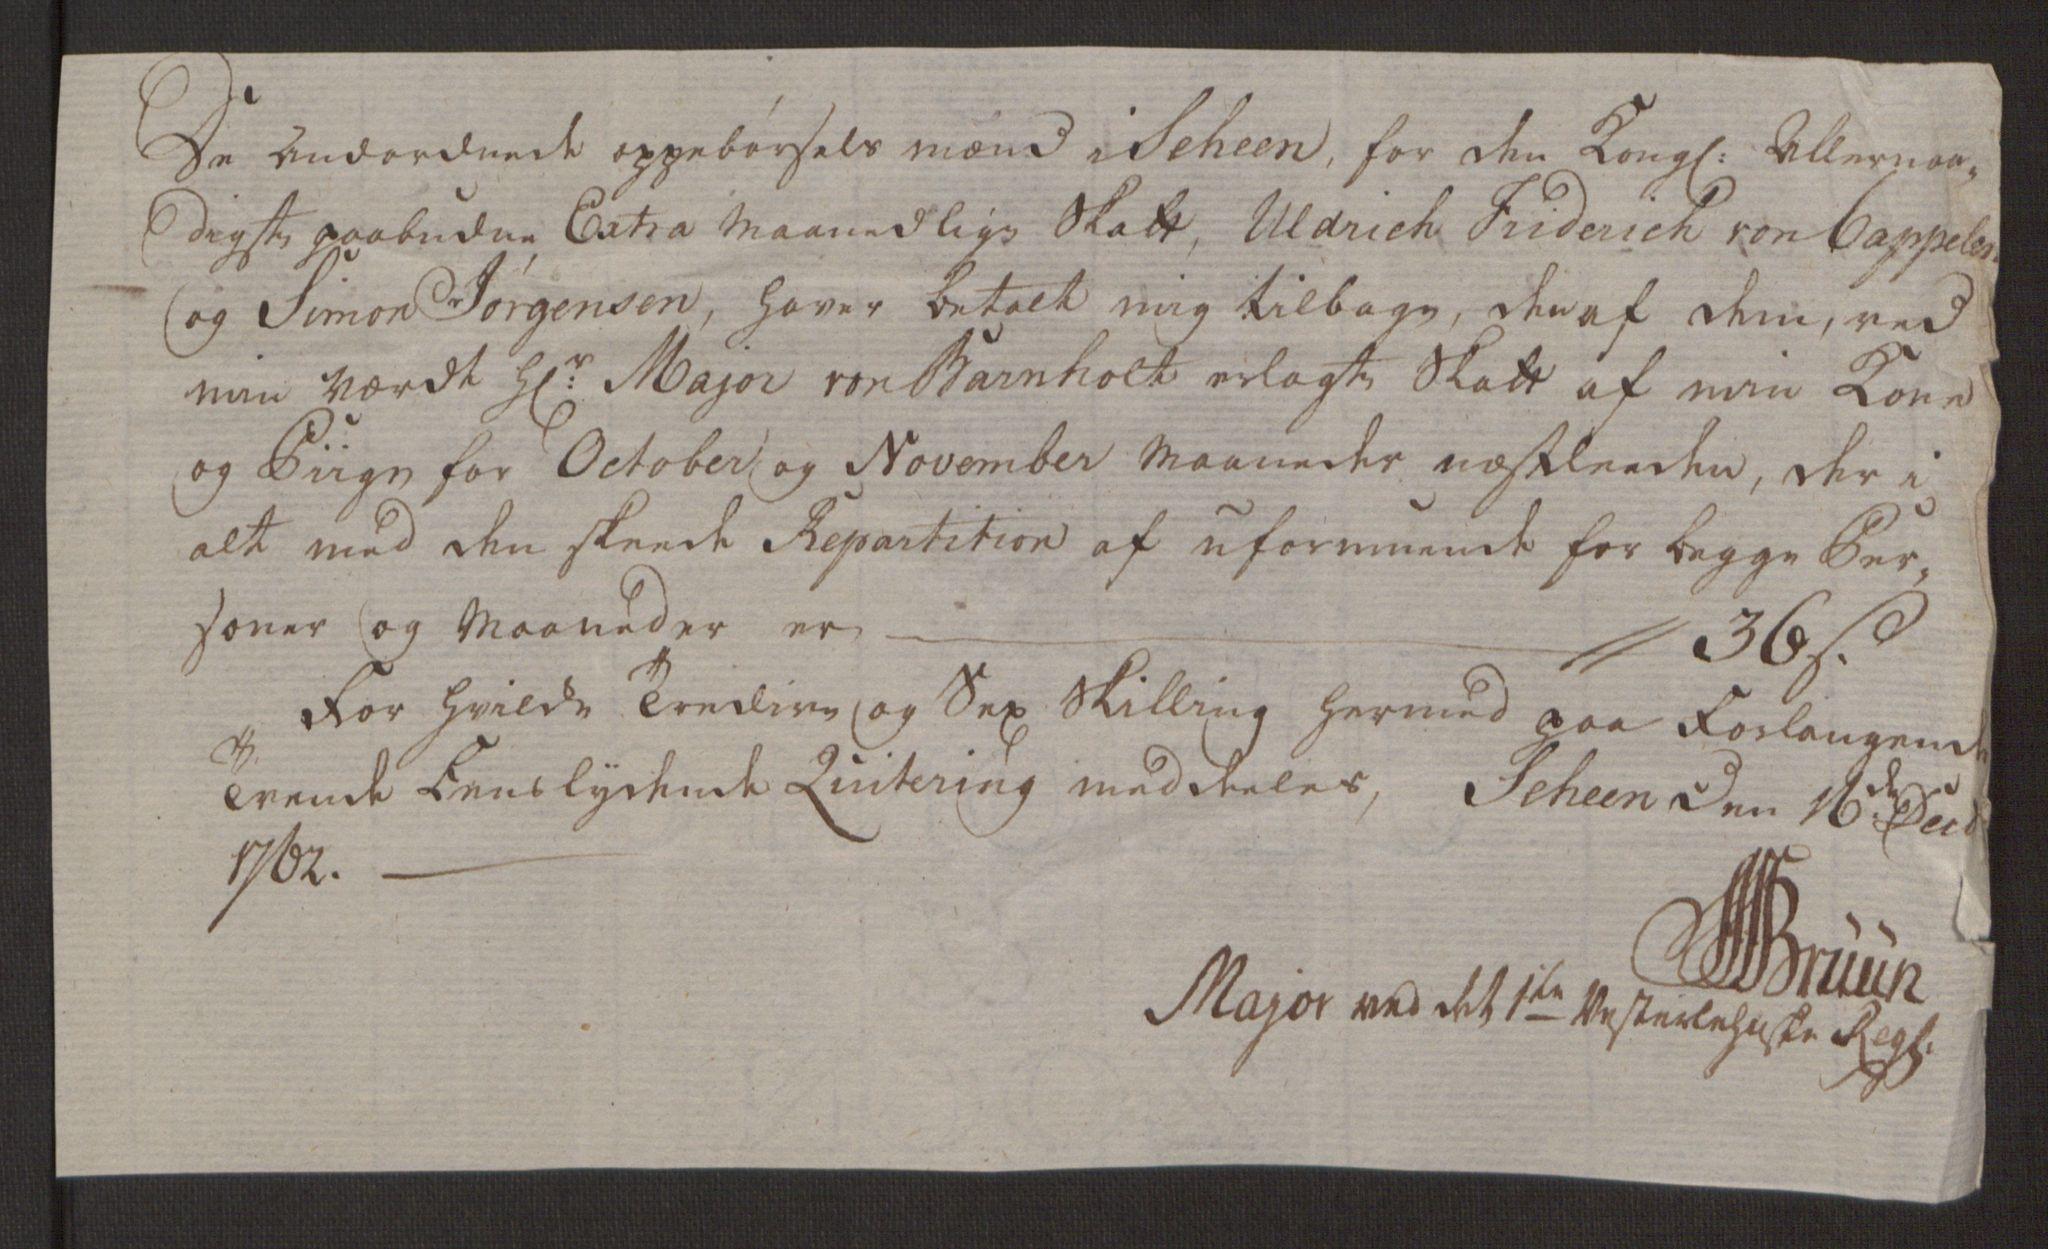 RA, Rentekammeret inntil 1814, Reviderte regnskaper, Byregnskaper, R/Rj/L0198: [J4] Kontribusjonsregnskap, 1762-1768, s. 100